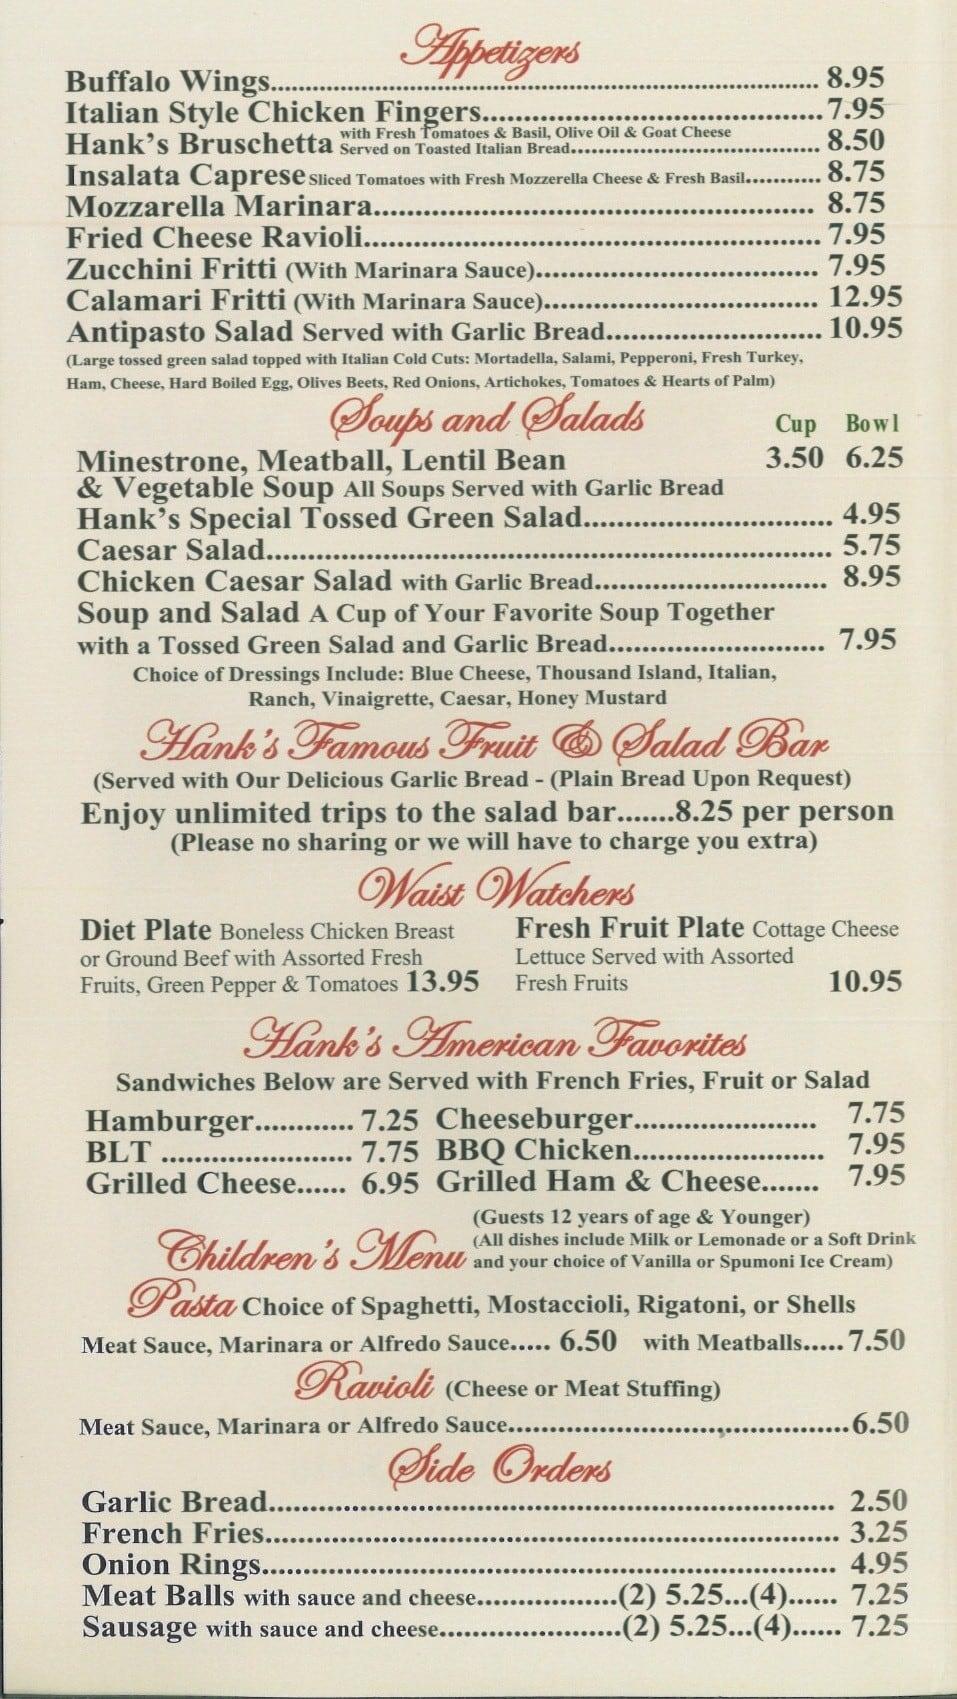 hank's pizza & deli menu - urbanspoon/zomato